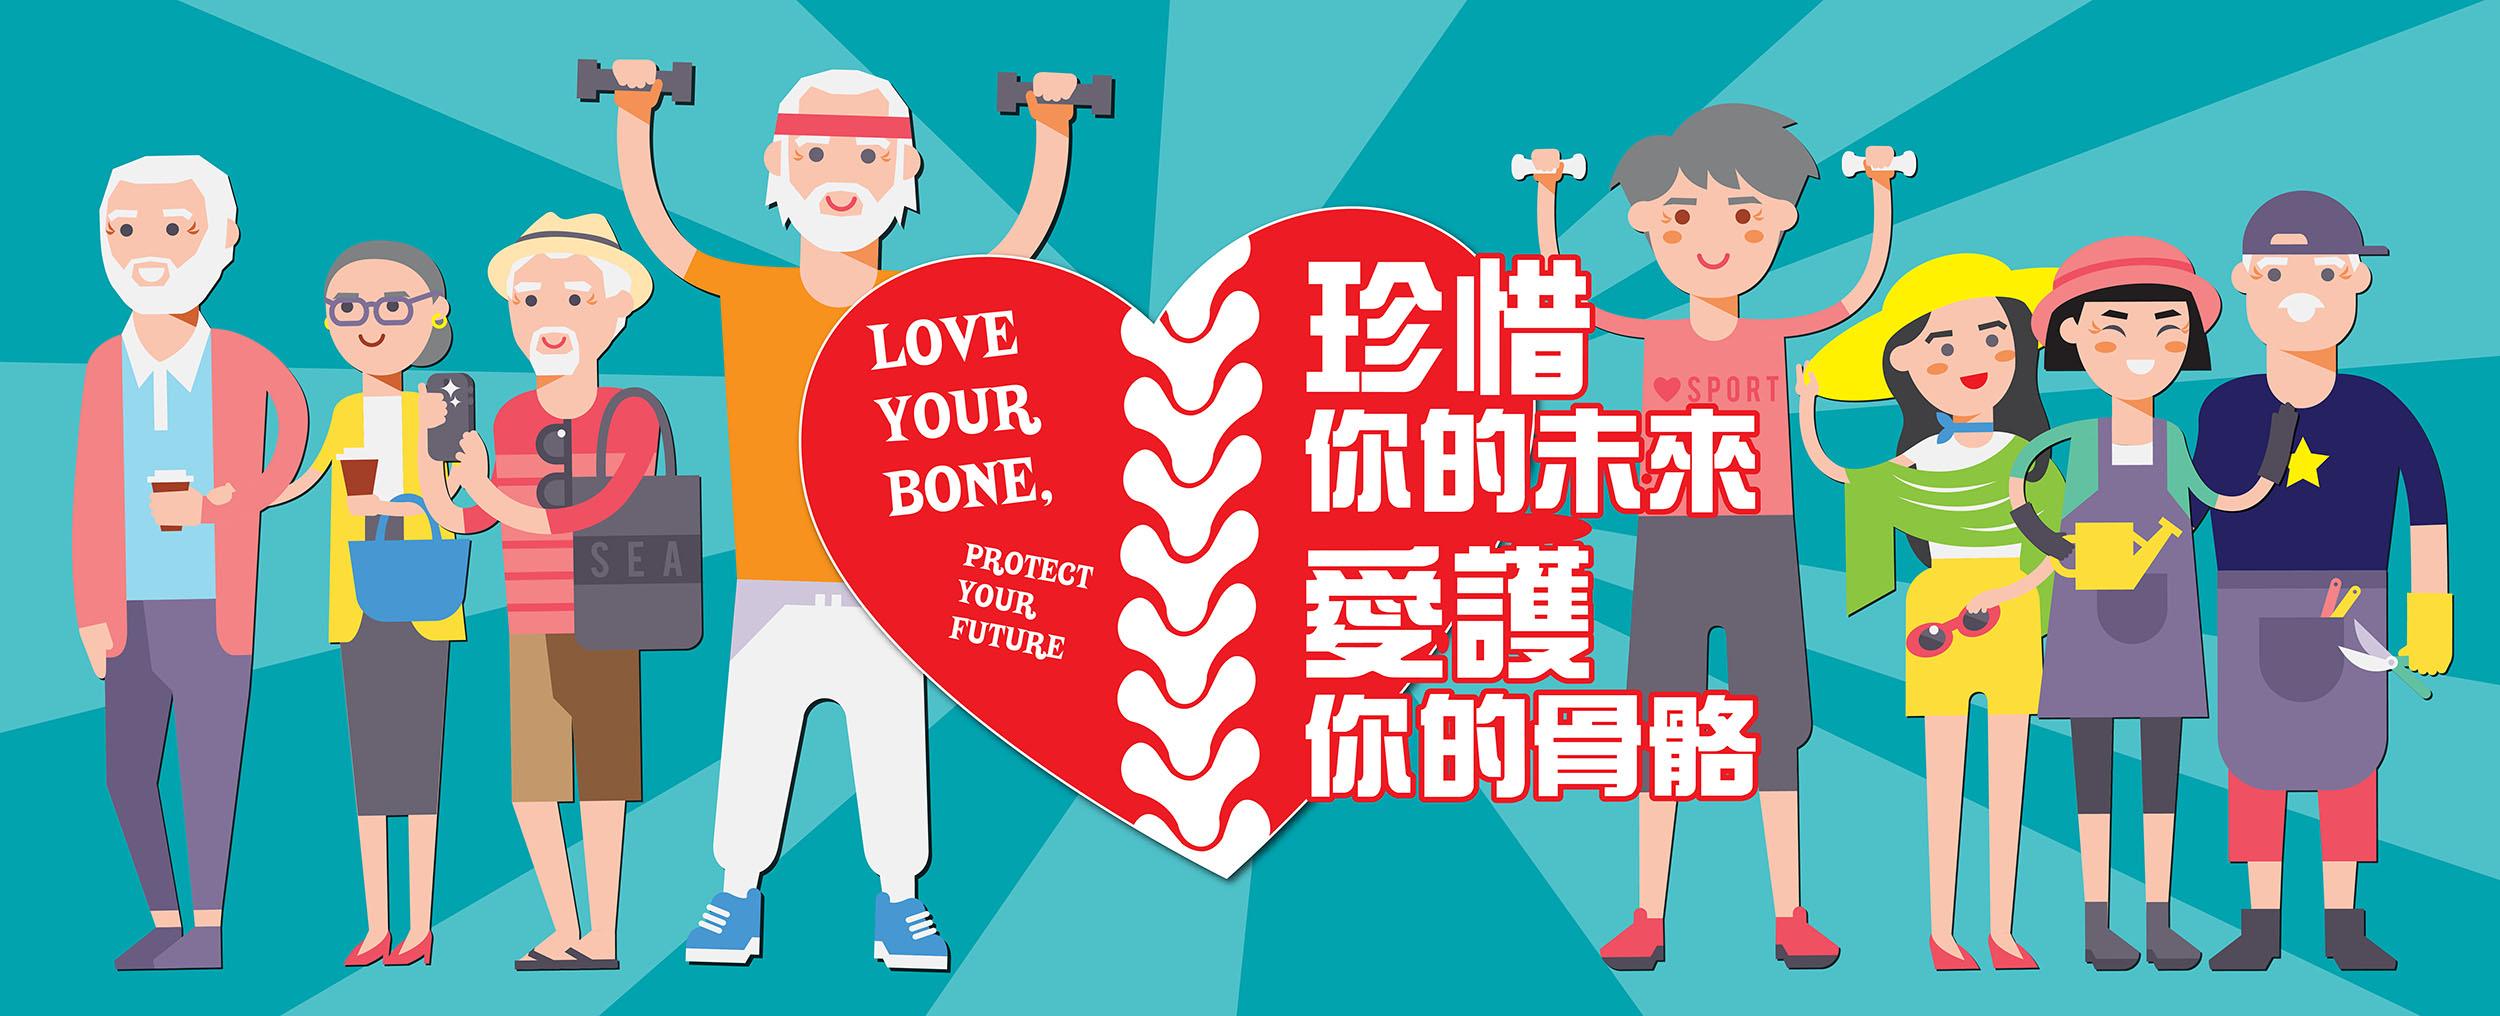 愛護骨骼優惠